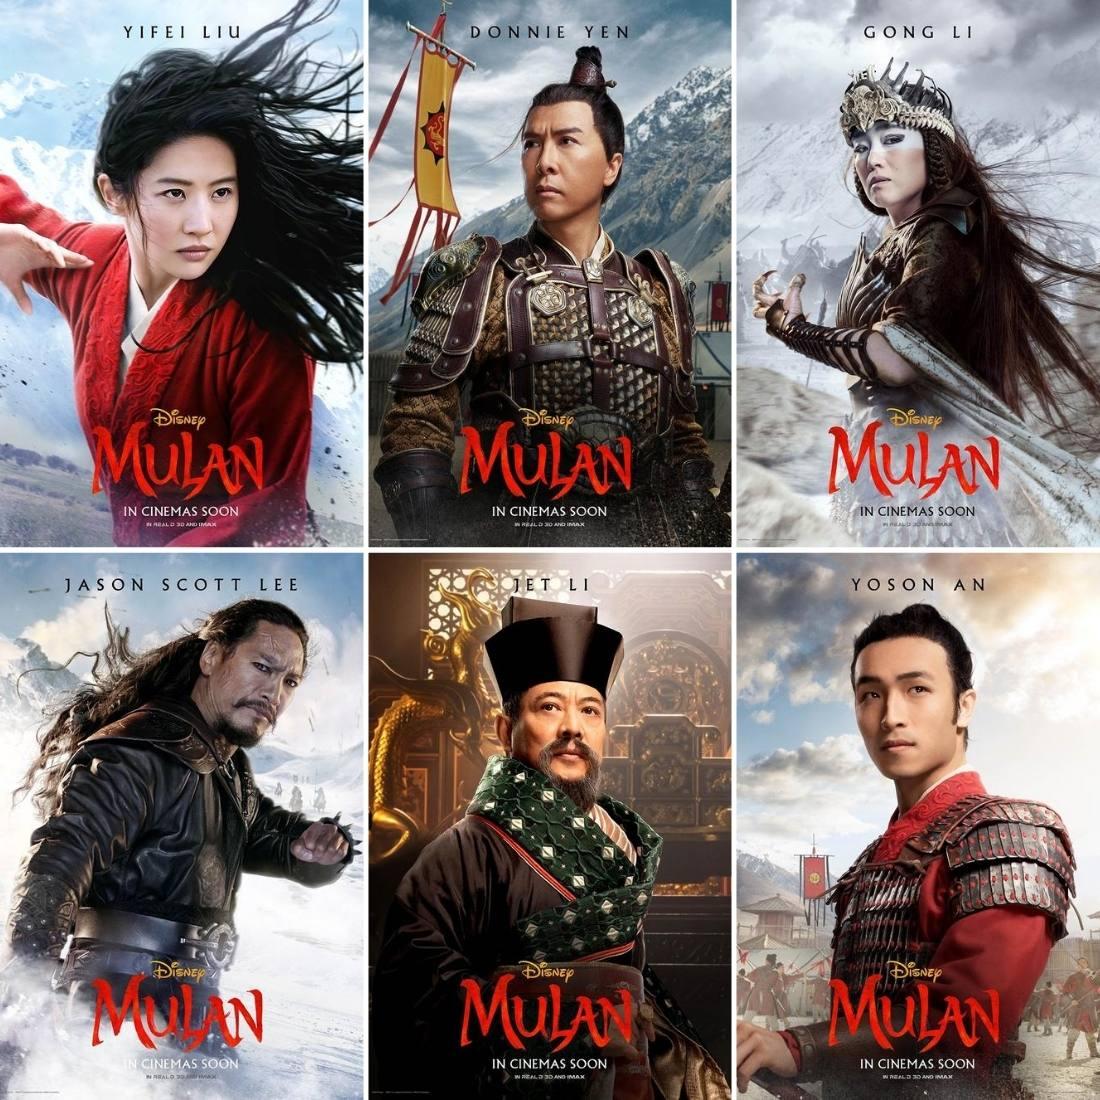 affiches de personnages mulan 2020